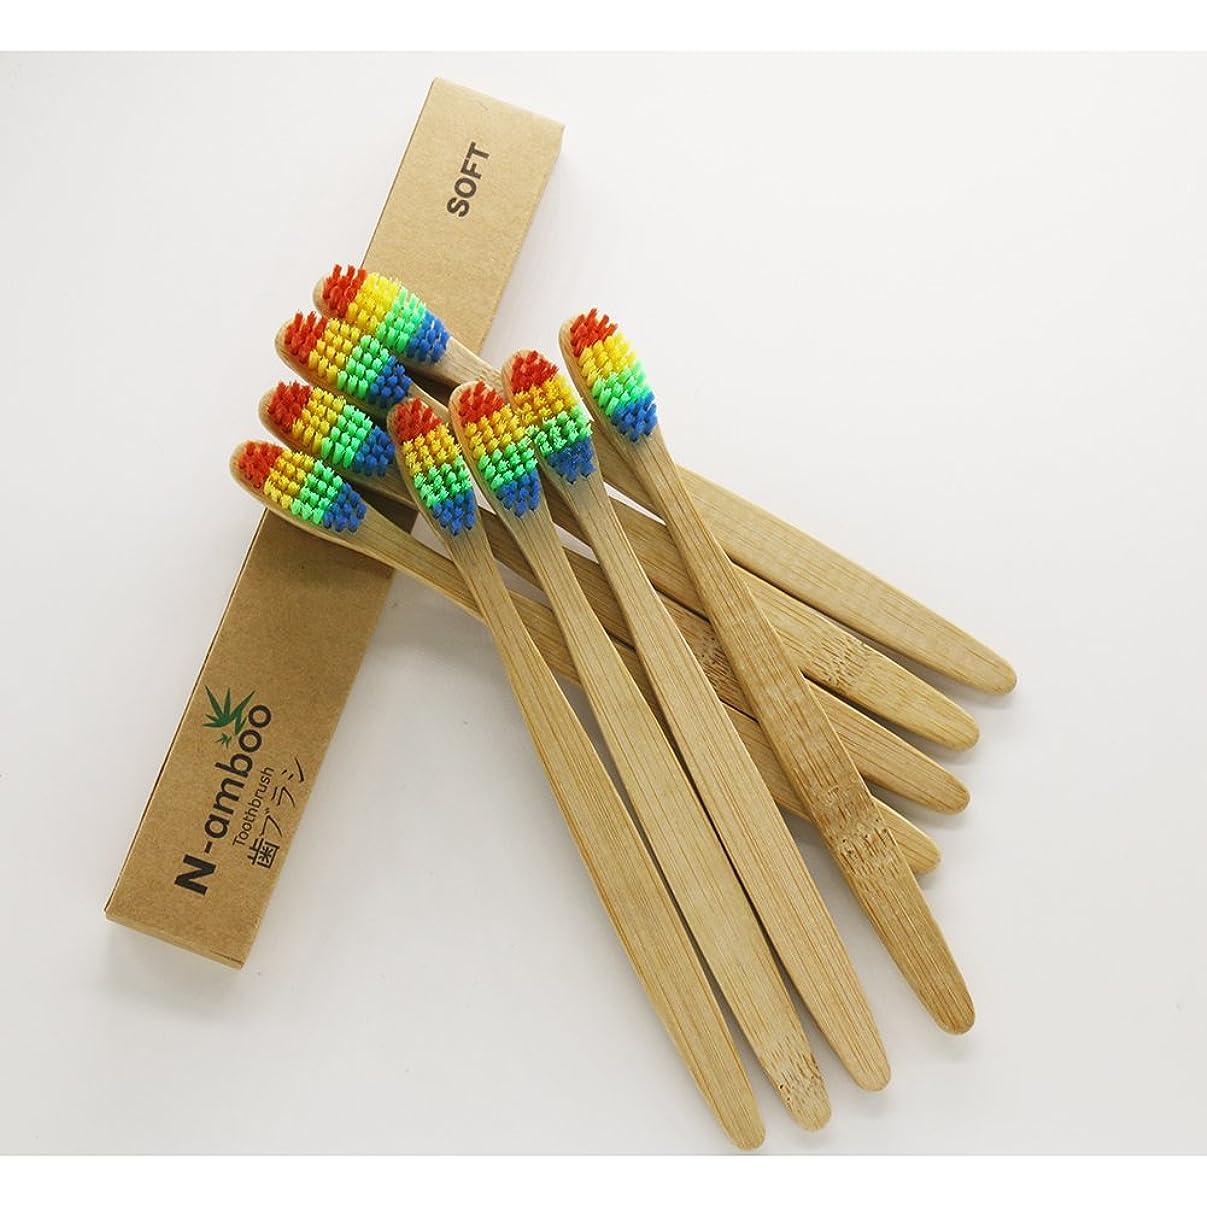 威信偏見嘆くN-amboo 竹製 耐久度高い 歯ブラシ 四色 虹(にじ) 8本入り ファミリー セット